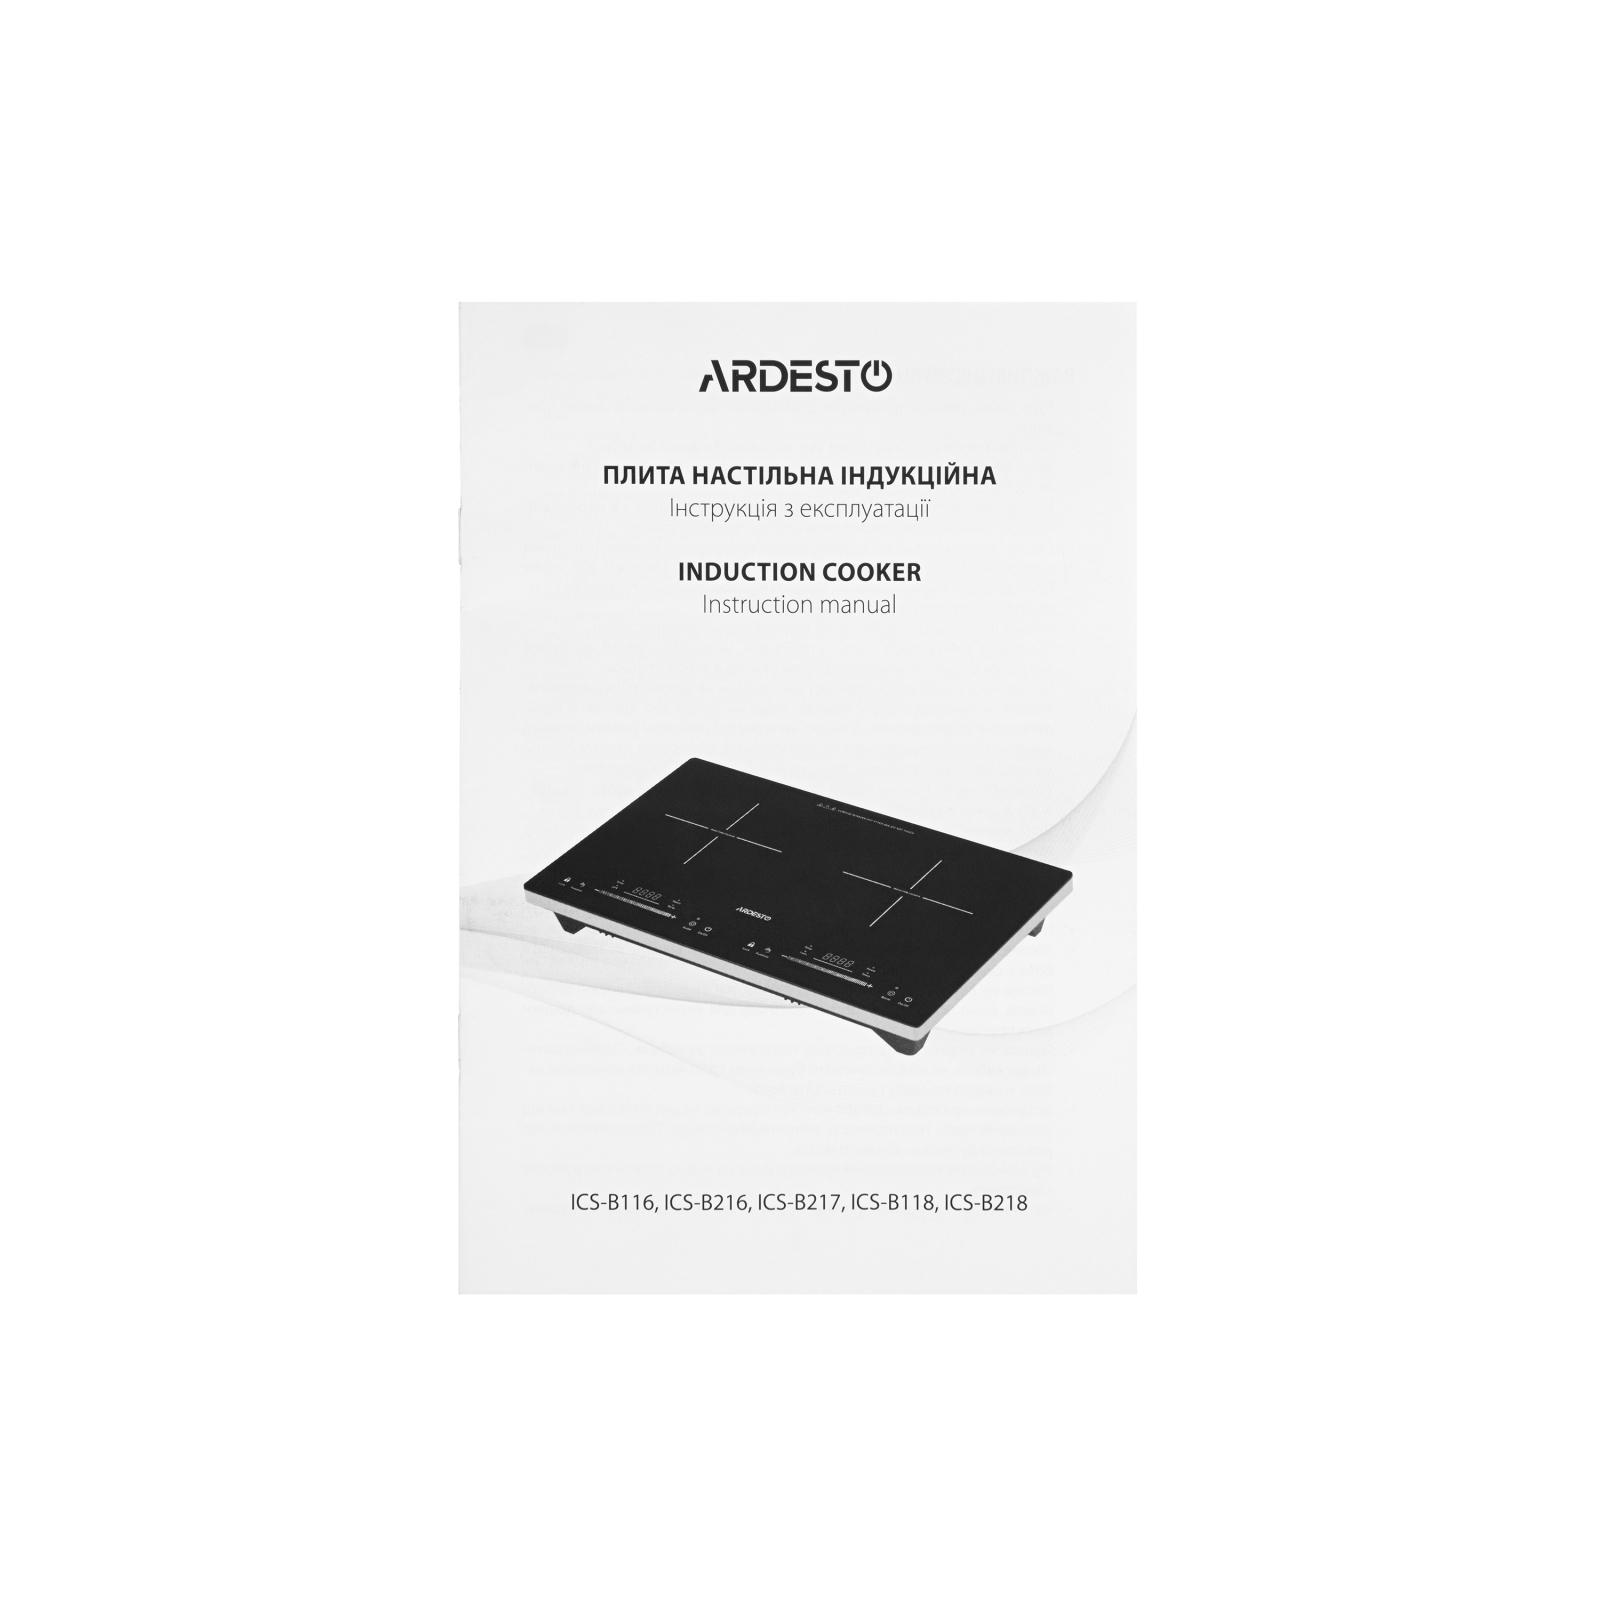 Електроплитка Ardesto ICS-B217 зображення 6